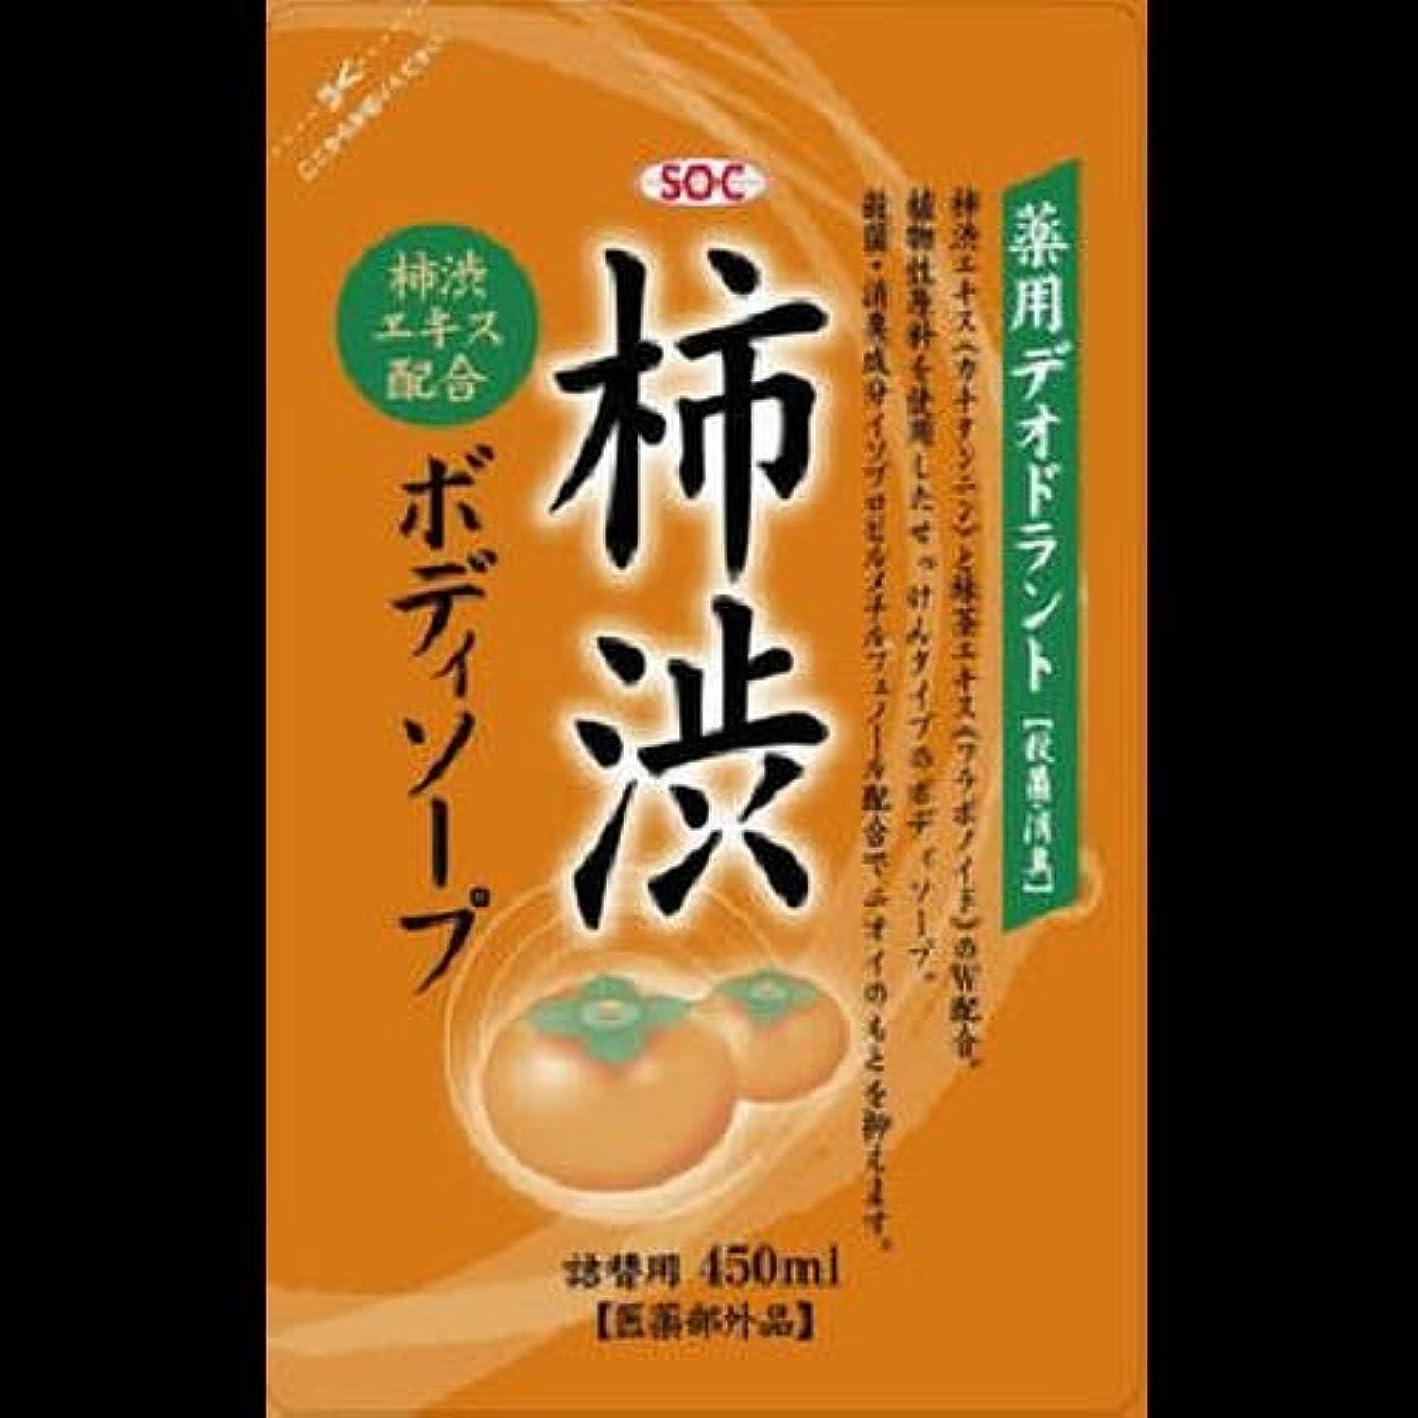 コマンド本土プラスSOC 薬用柿渋ボディソープ 詰替 450ml ×2セット